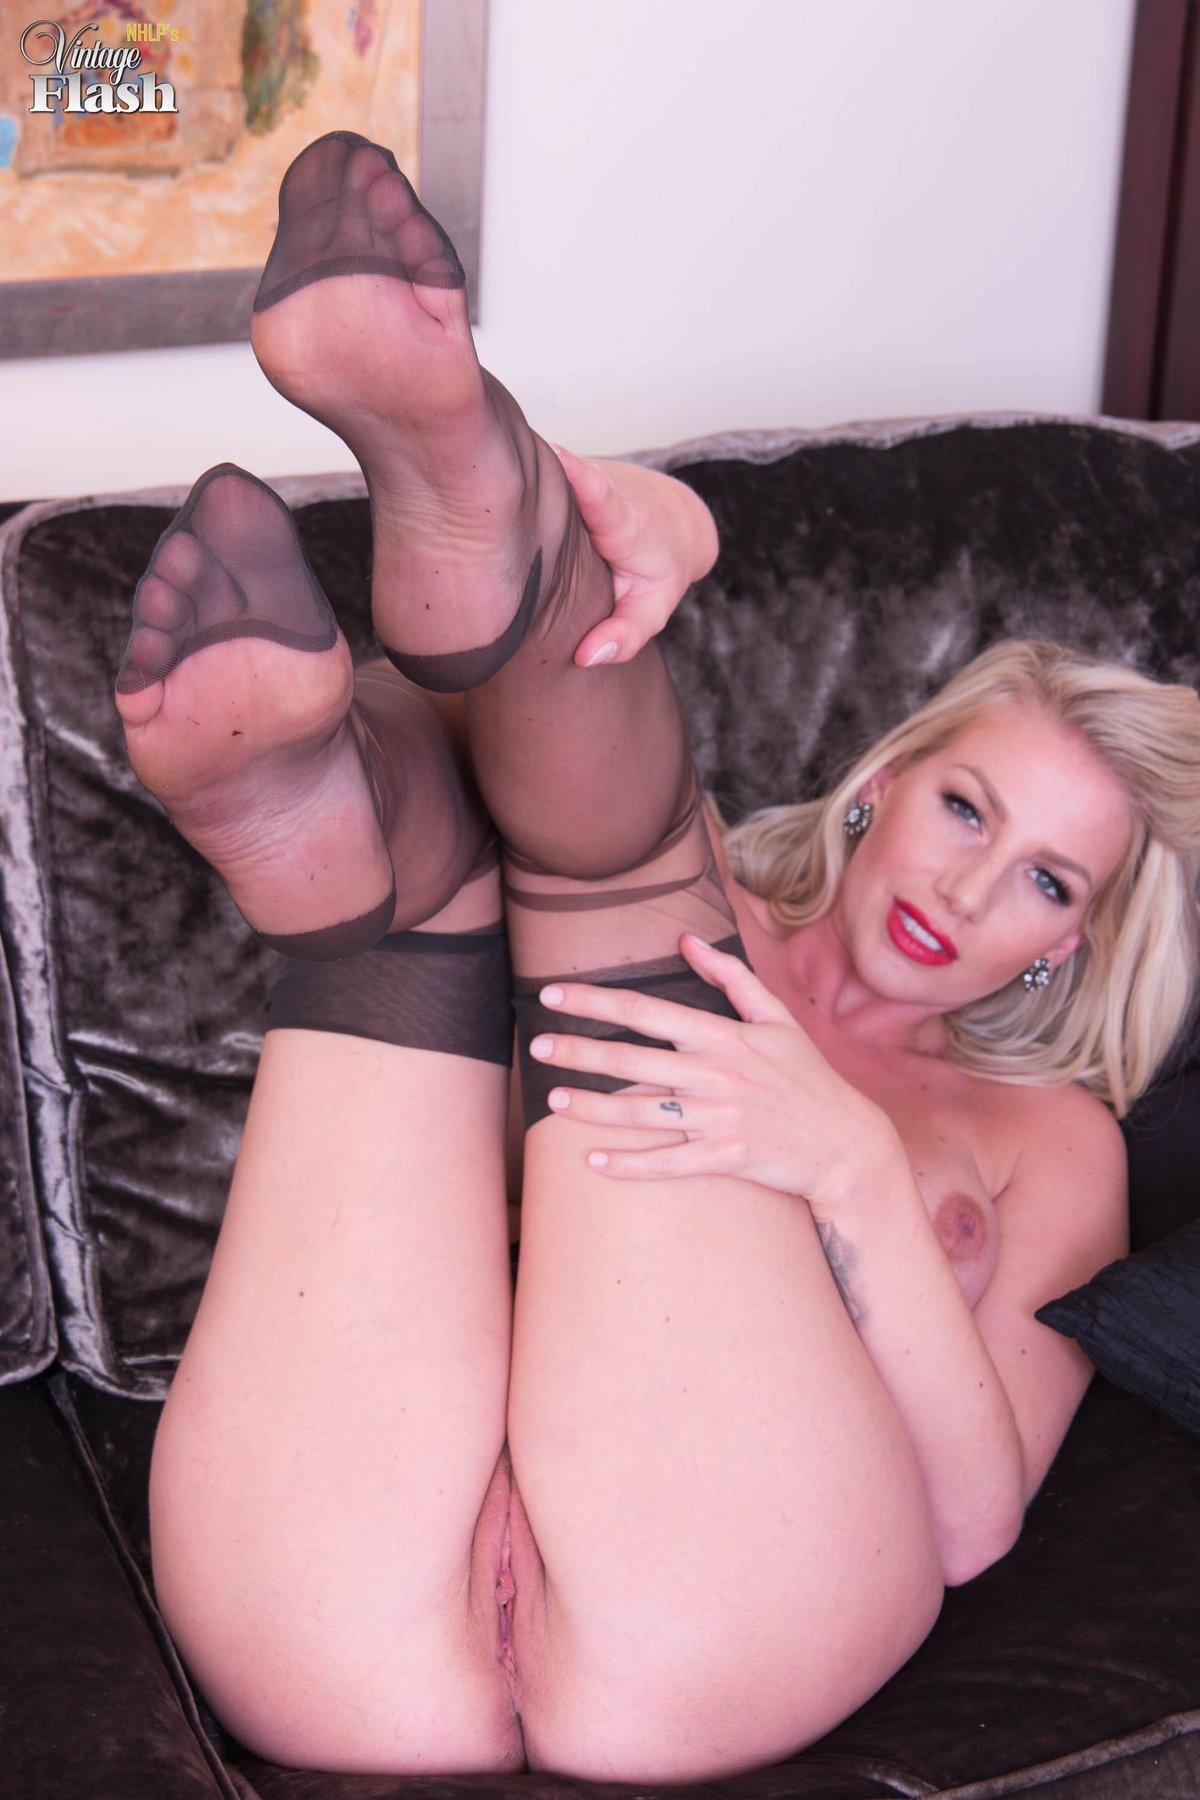 Женщина с силиконовой грудью раздвигает ноги в чулках